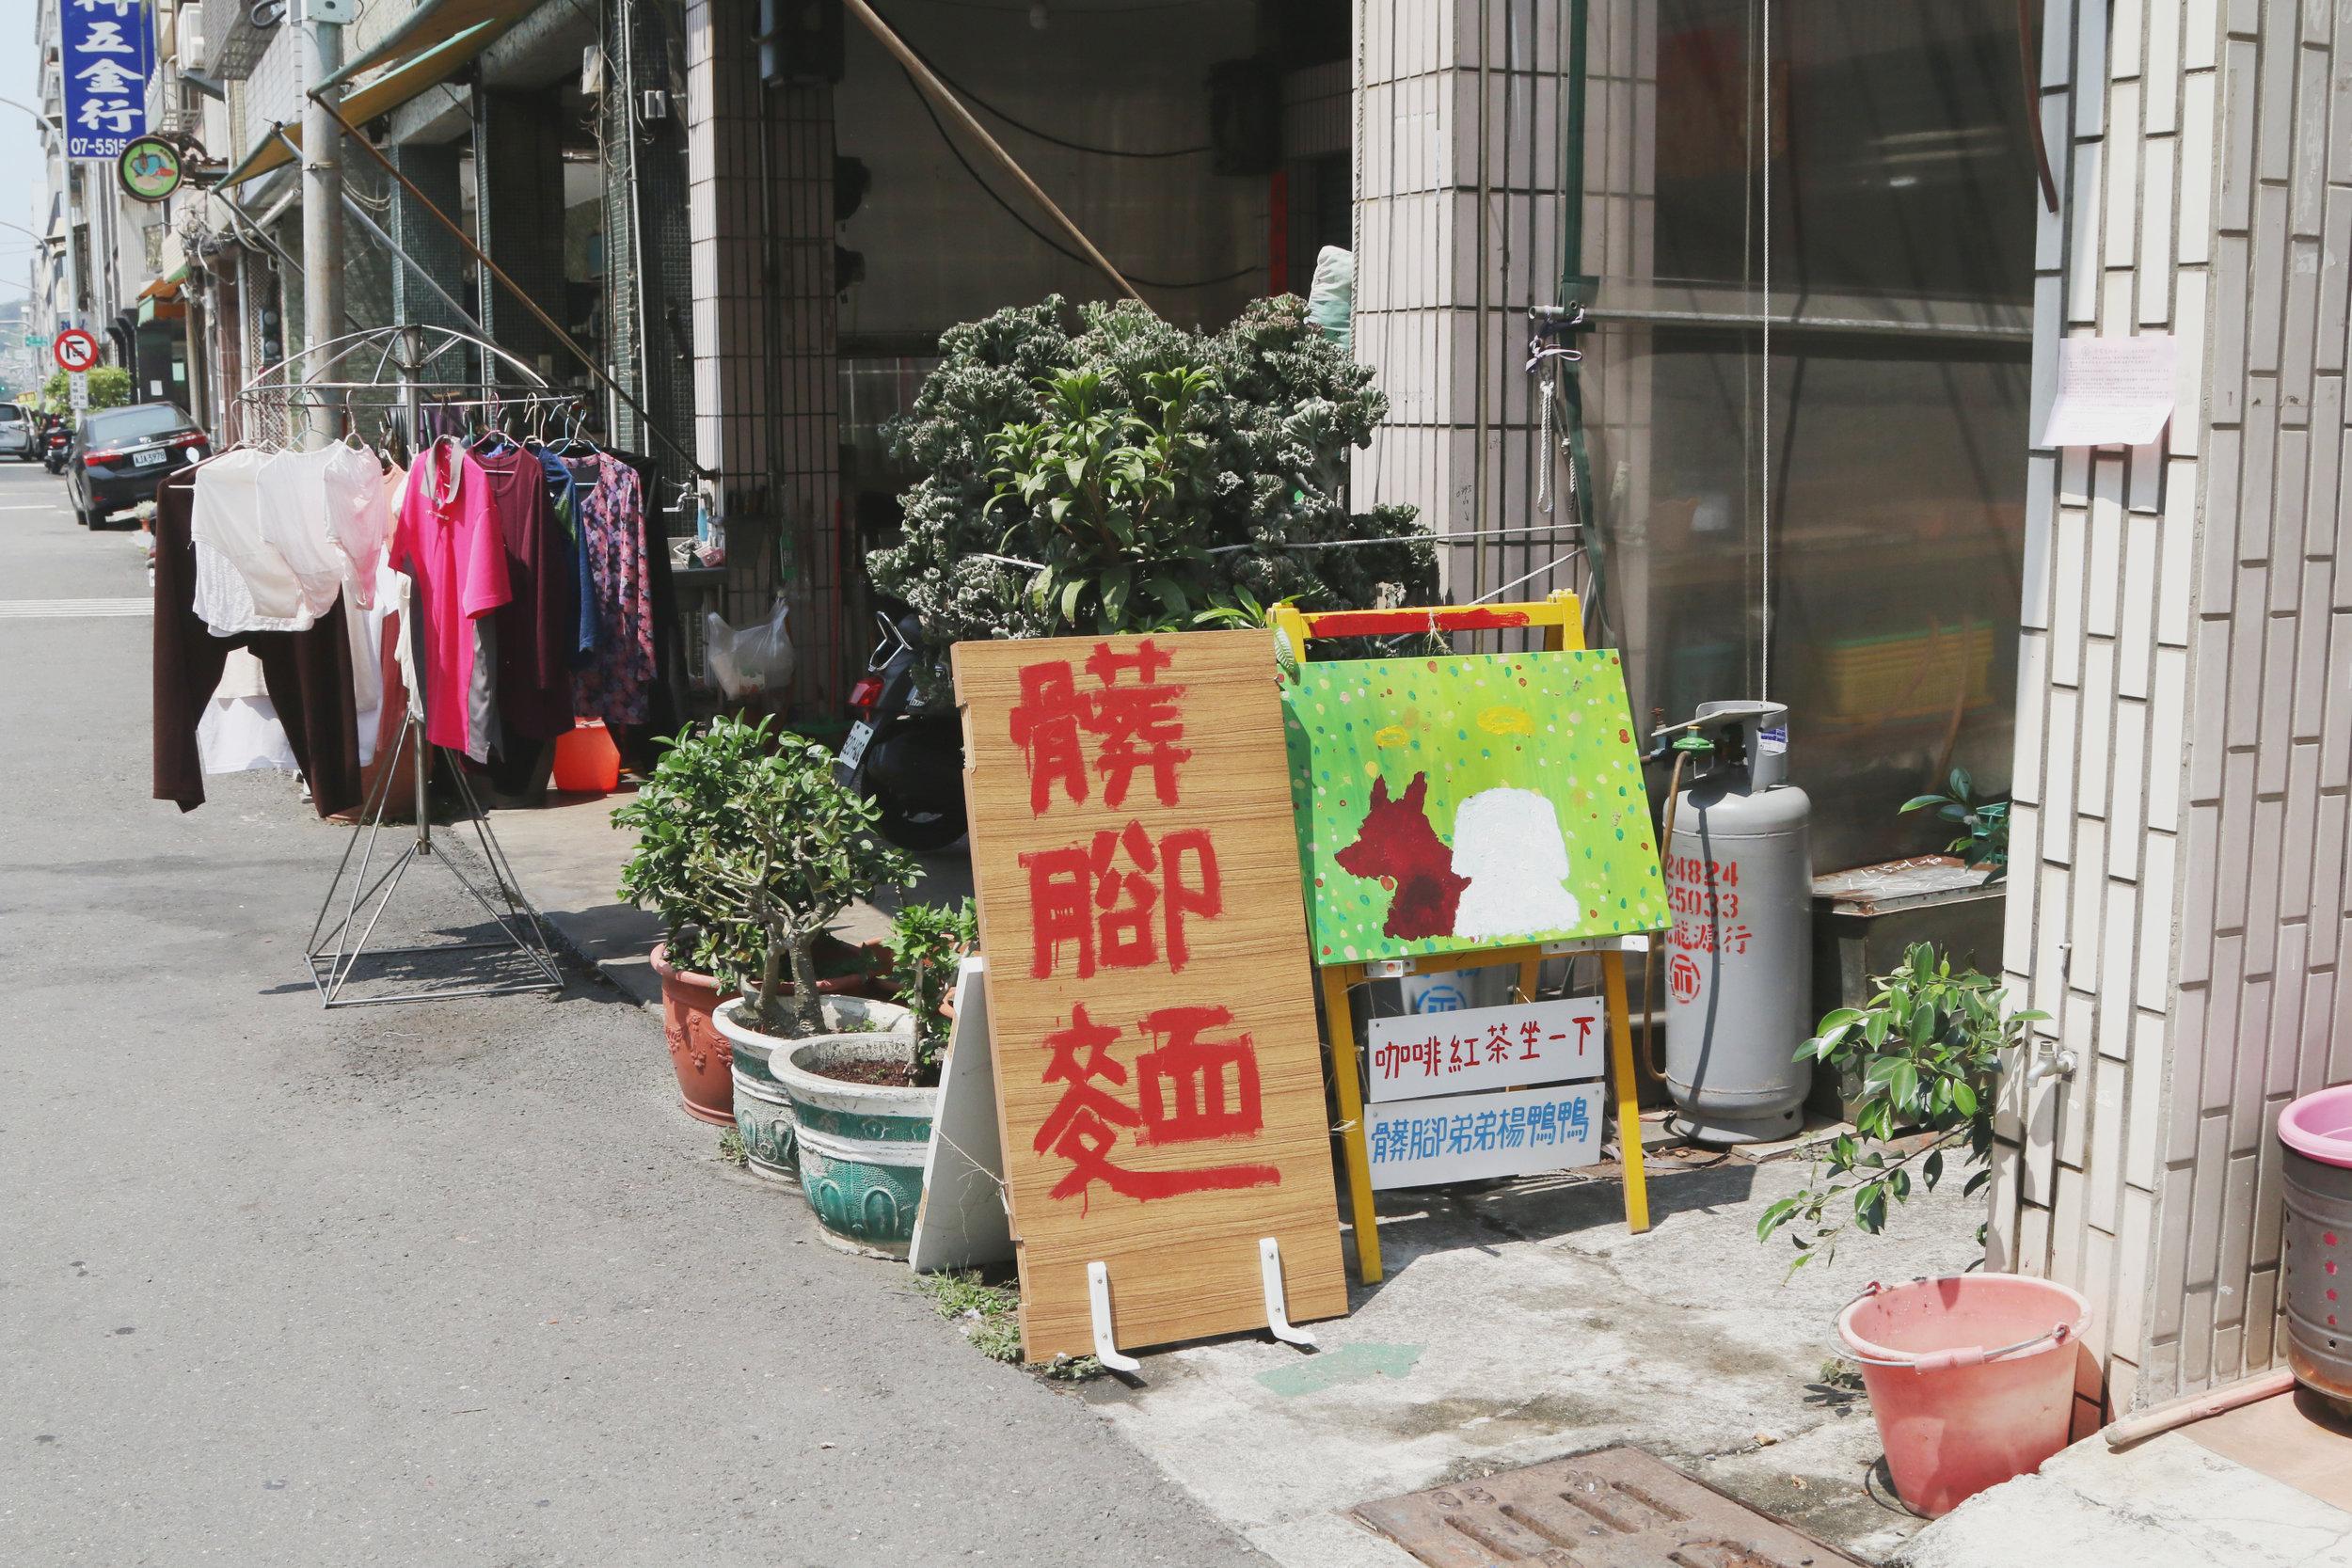 一個木板用紅色油漆字寫上「髒腳麵」很容易嚇到客人。